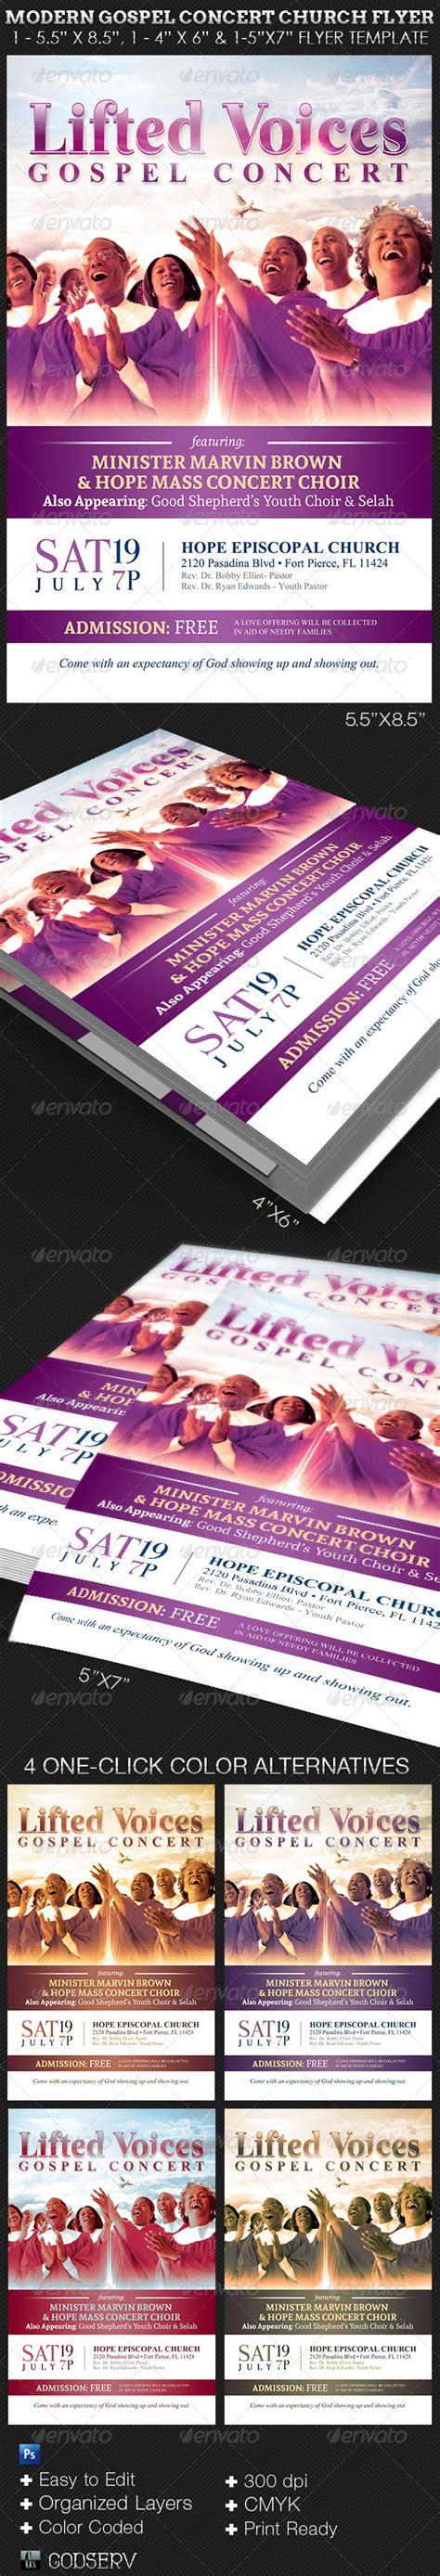 Modern Gospel Concert Church Flyer Template By Godserv On Deviantart Gospel Church Flyer Template